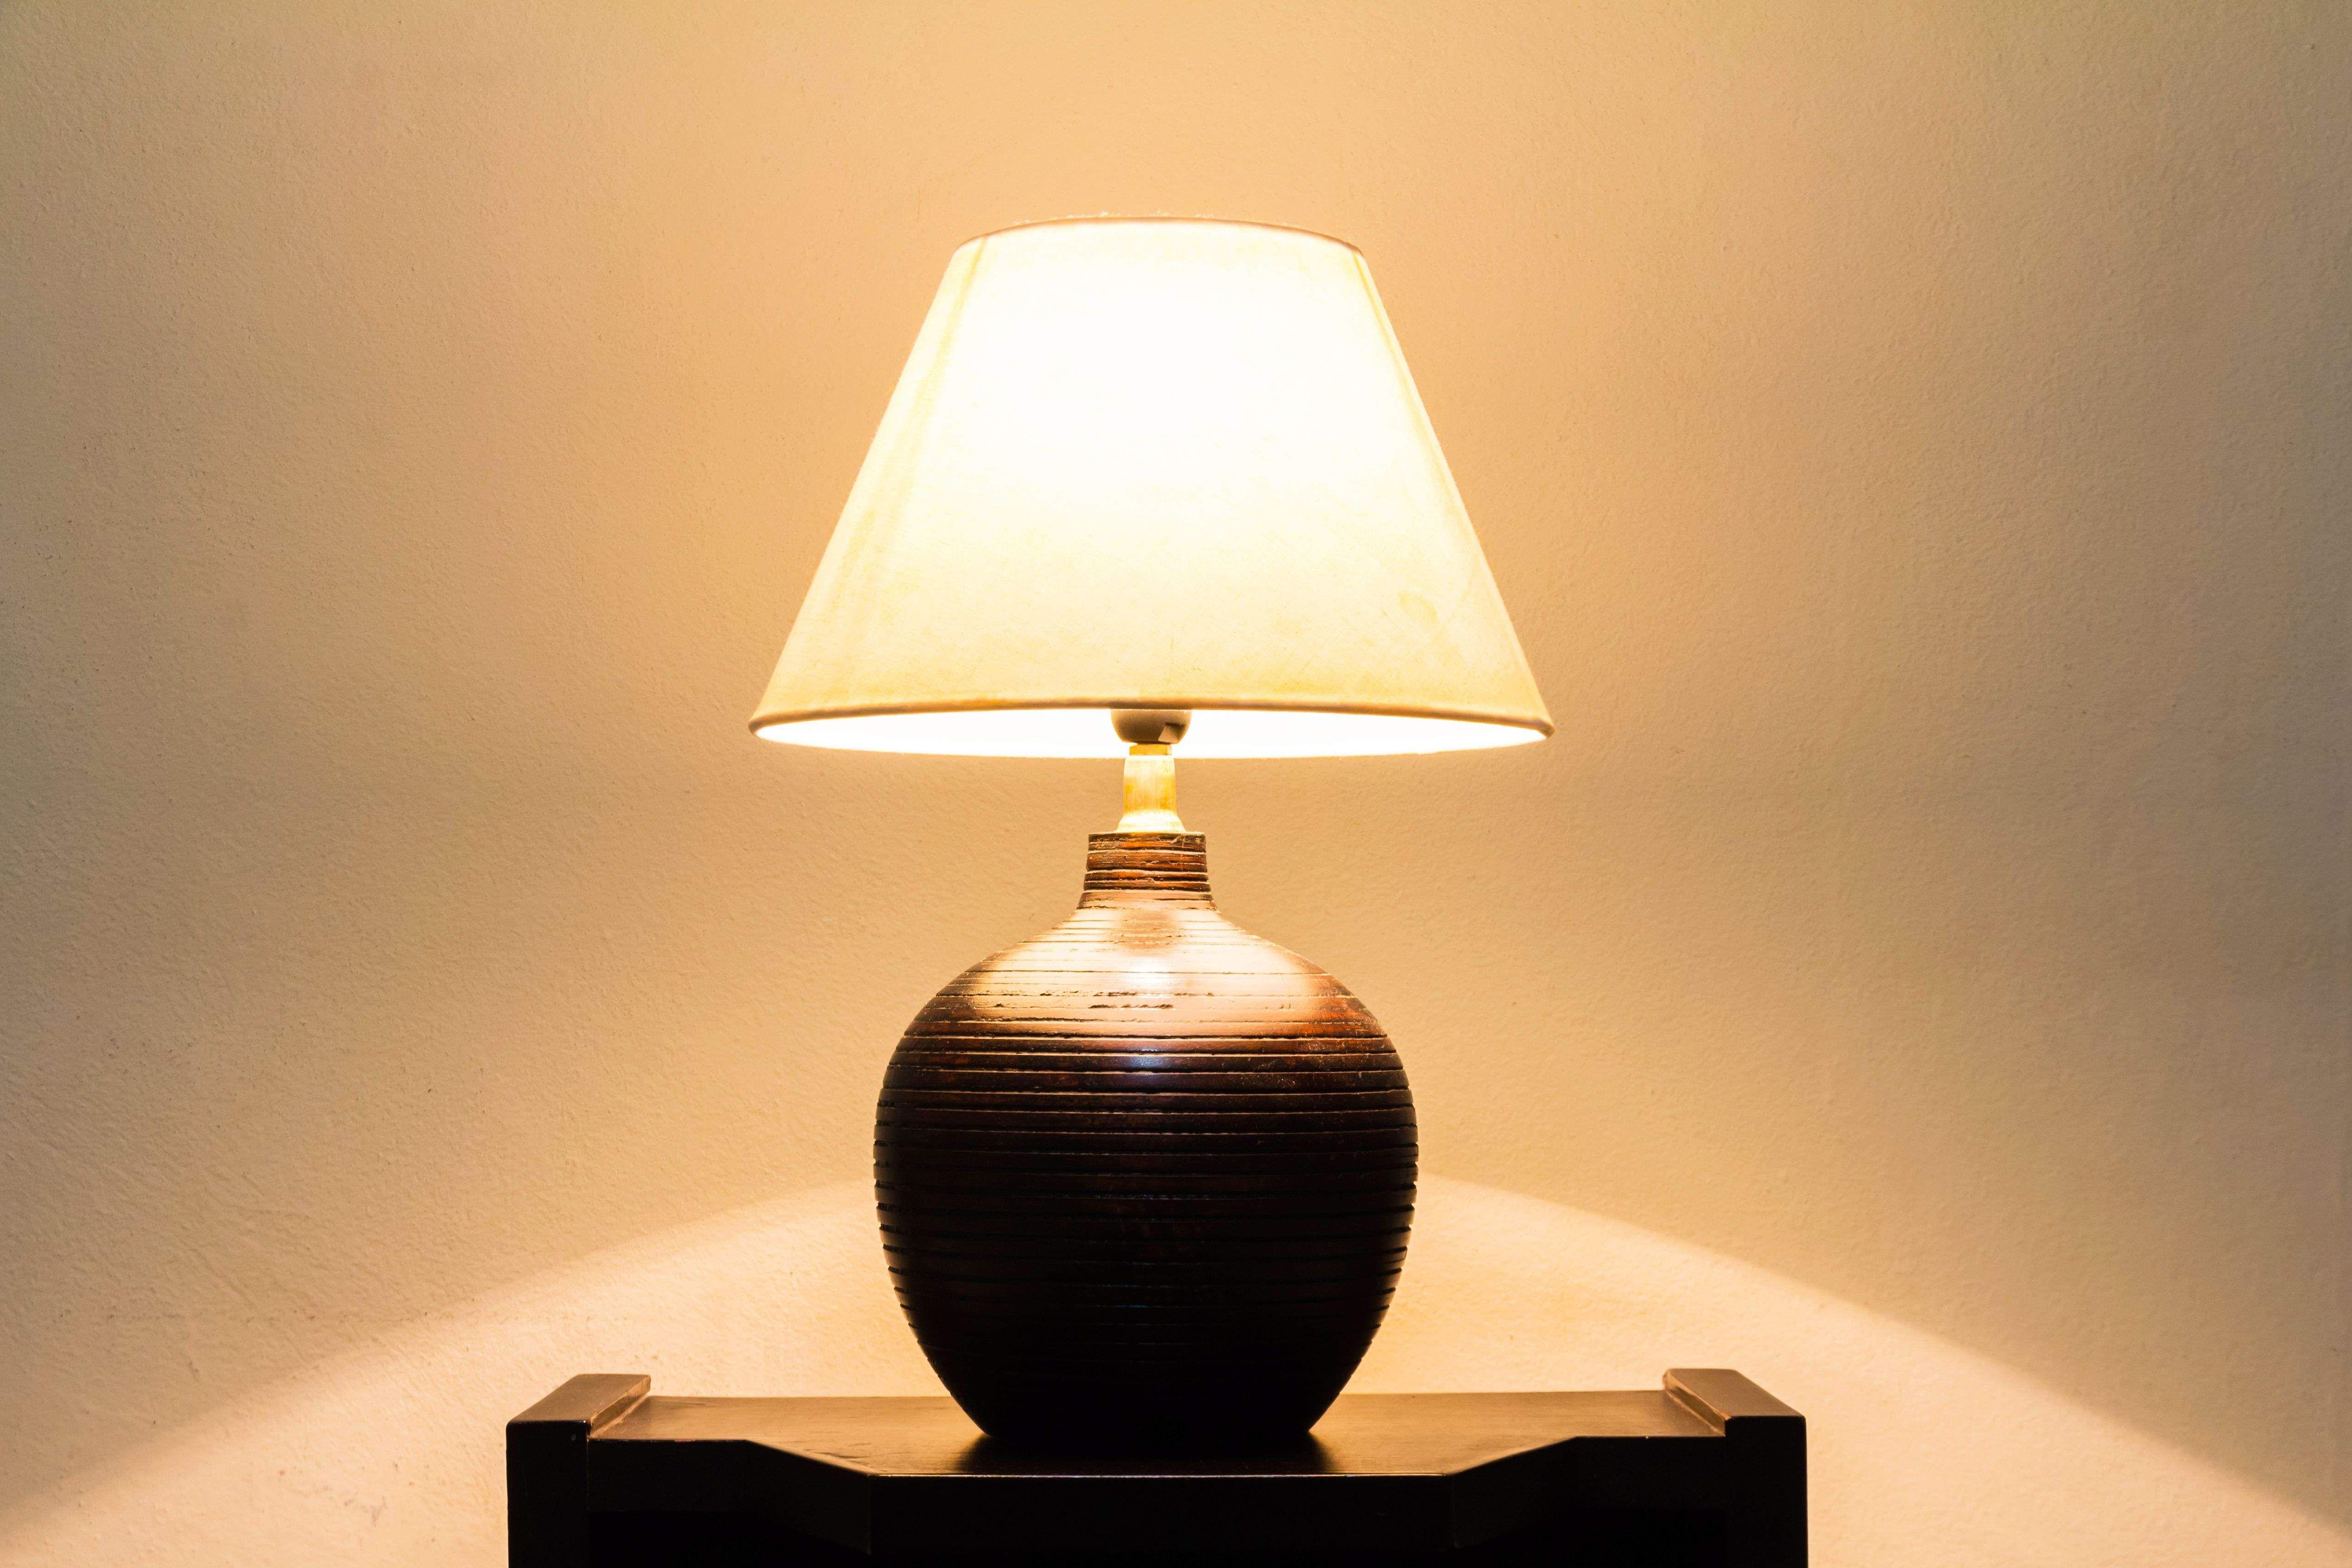 Pied de lampe à poser  : bien le choisir